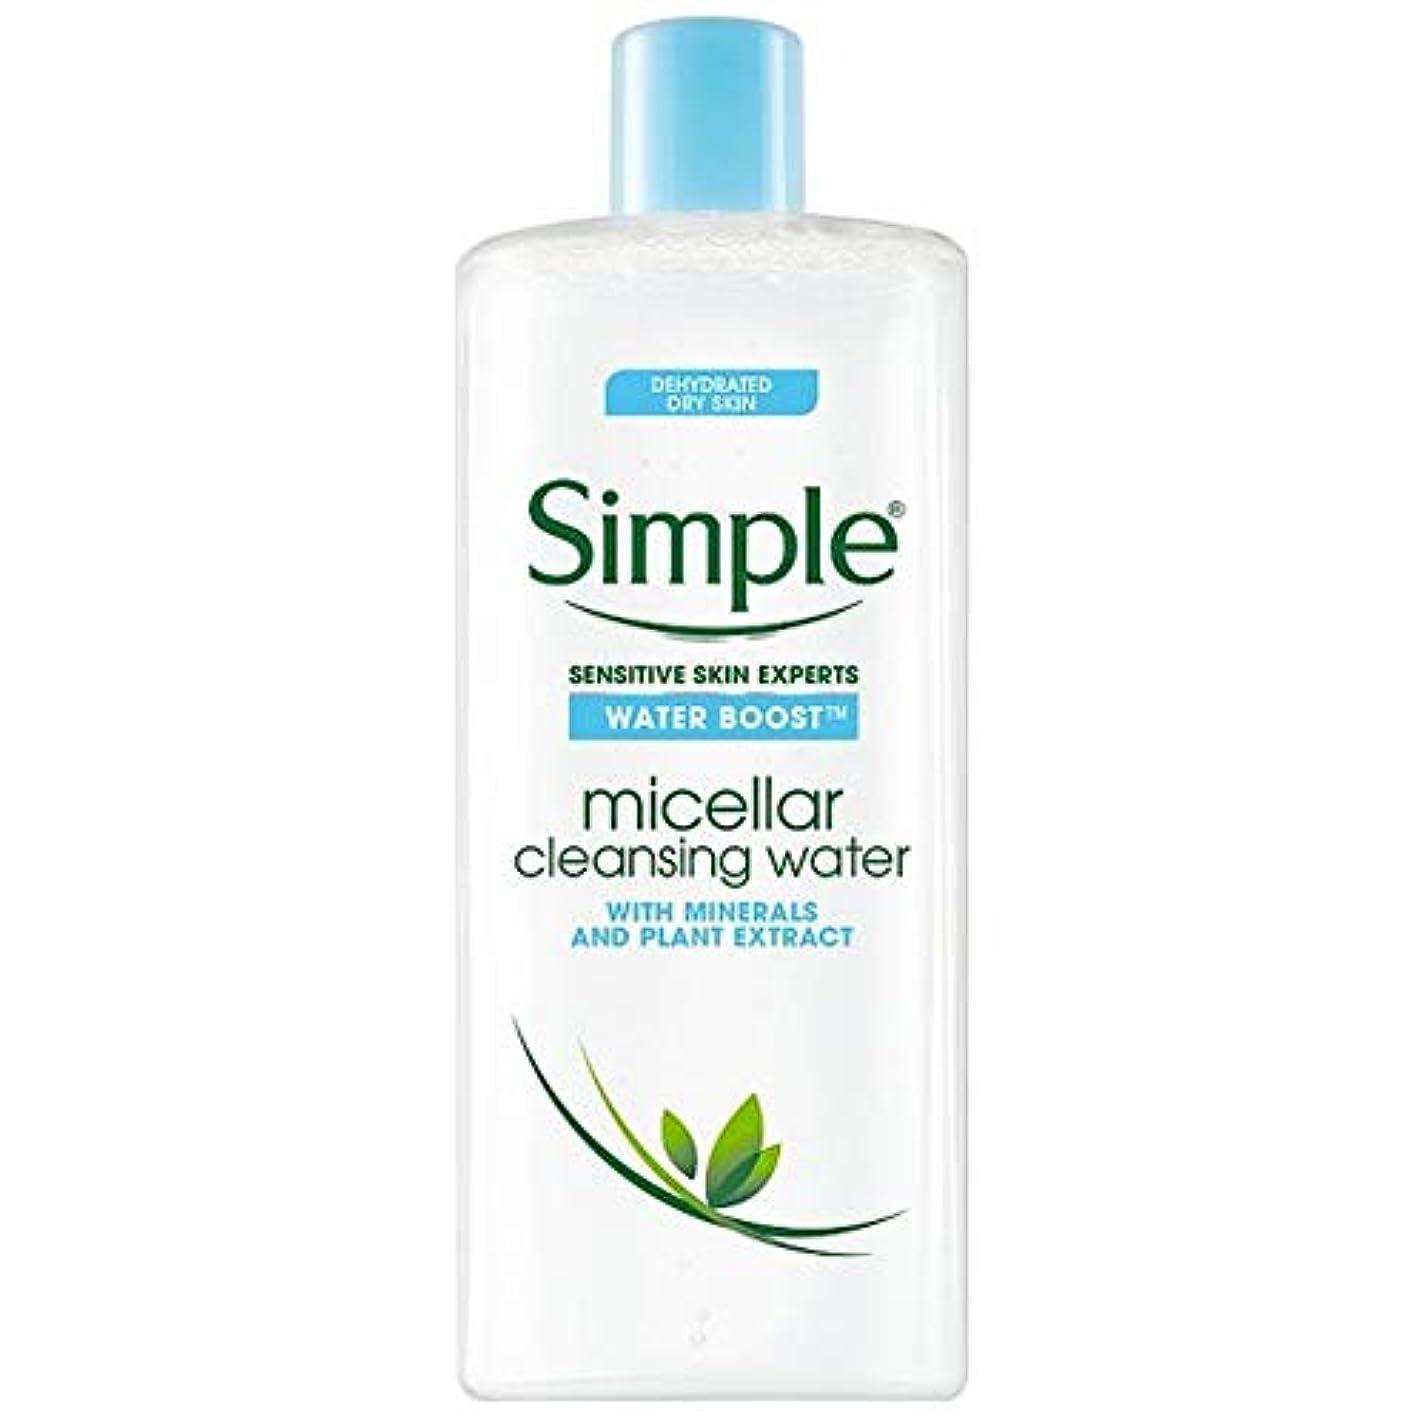 レパートリー豊富に可能にする[Simple] シンプルな水ブーストミセル洗浄水400ミリリットル - Simple Water Boost Micellar Cleansing Water 400Ml [並行輸入品]